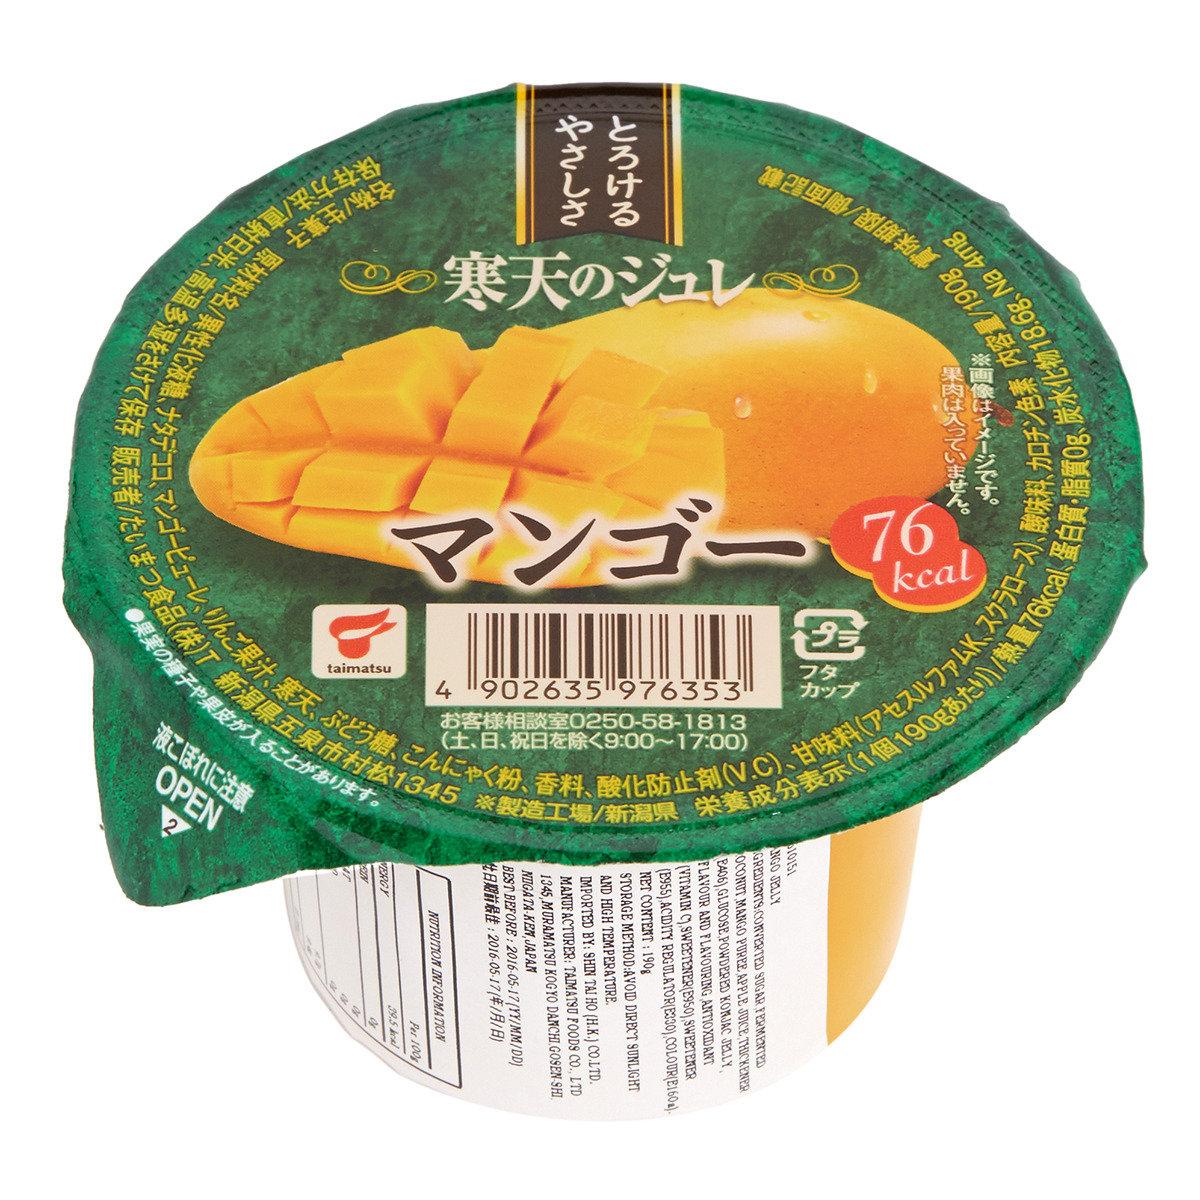 寒天芒果啫喱